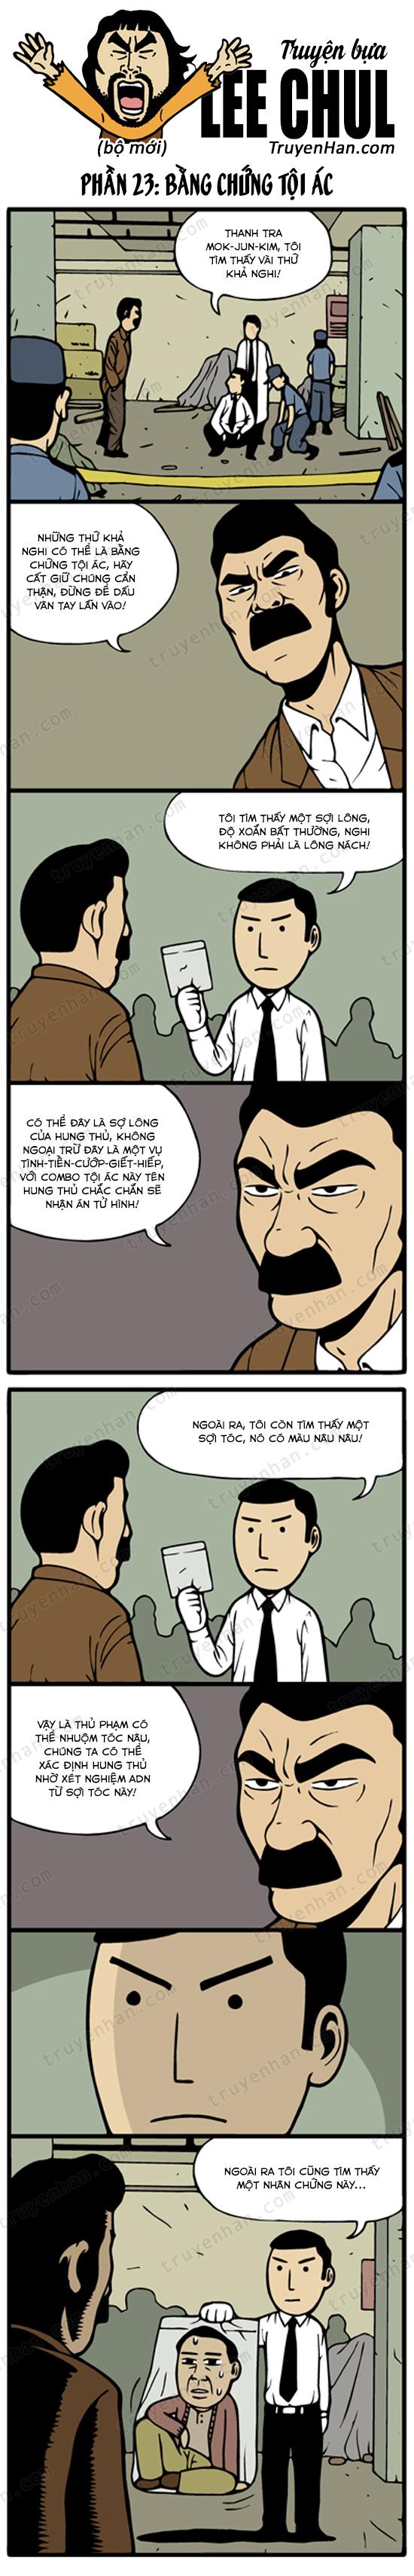 Lee Chul (bộ mới) phần 23: Bằng chứng tội ác